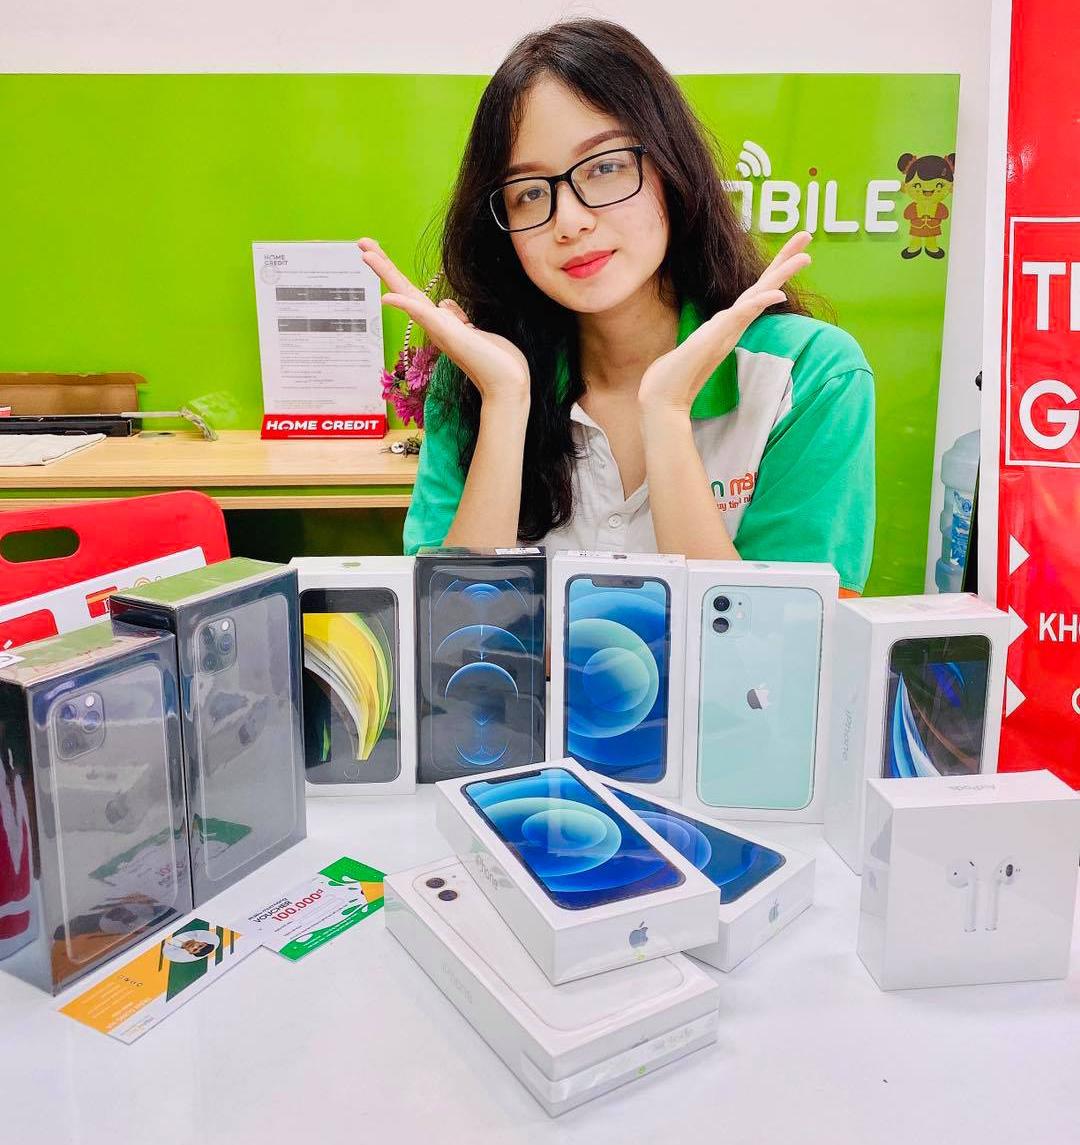 Mua điện thoại iPhone nguyên zin giá rẻ tại Hải Phòng